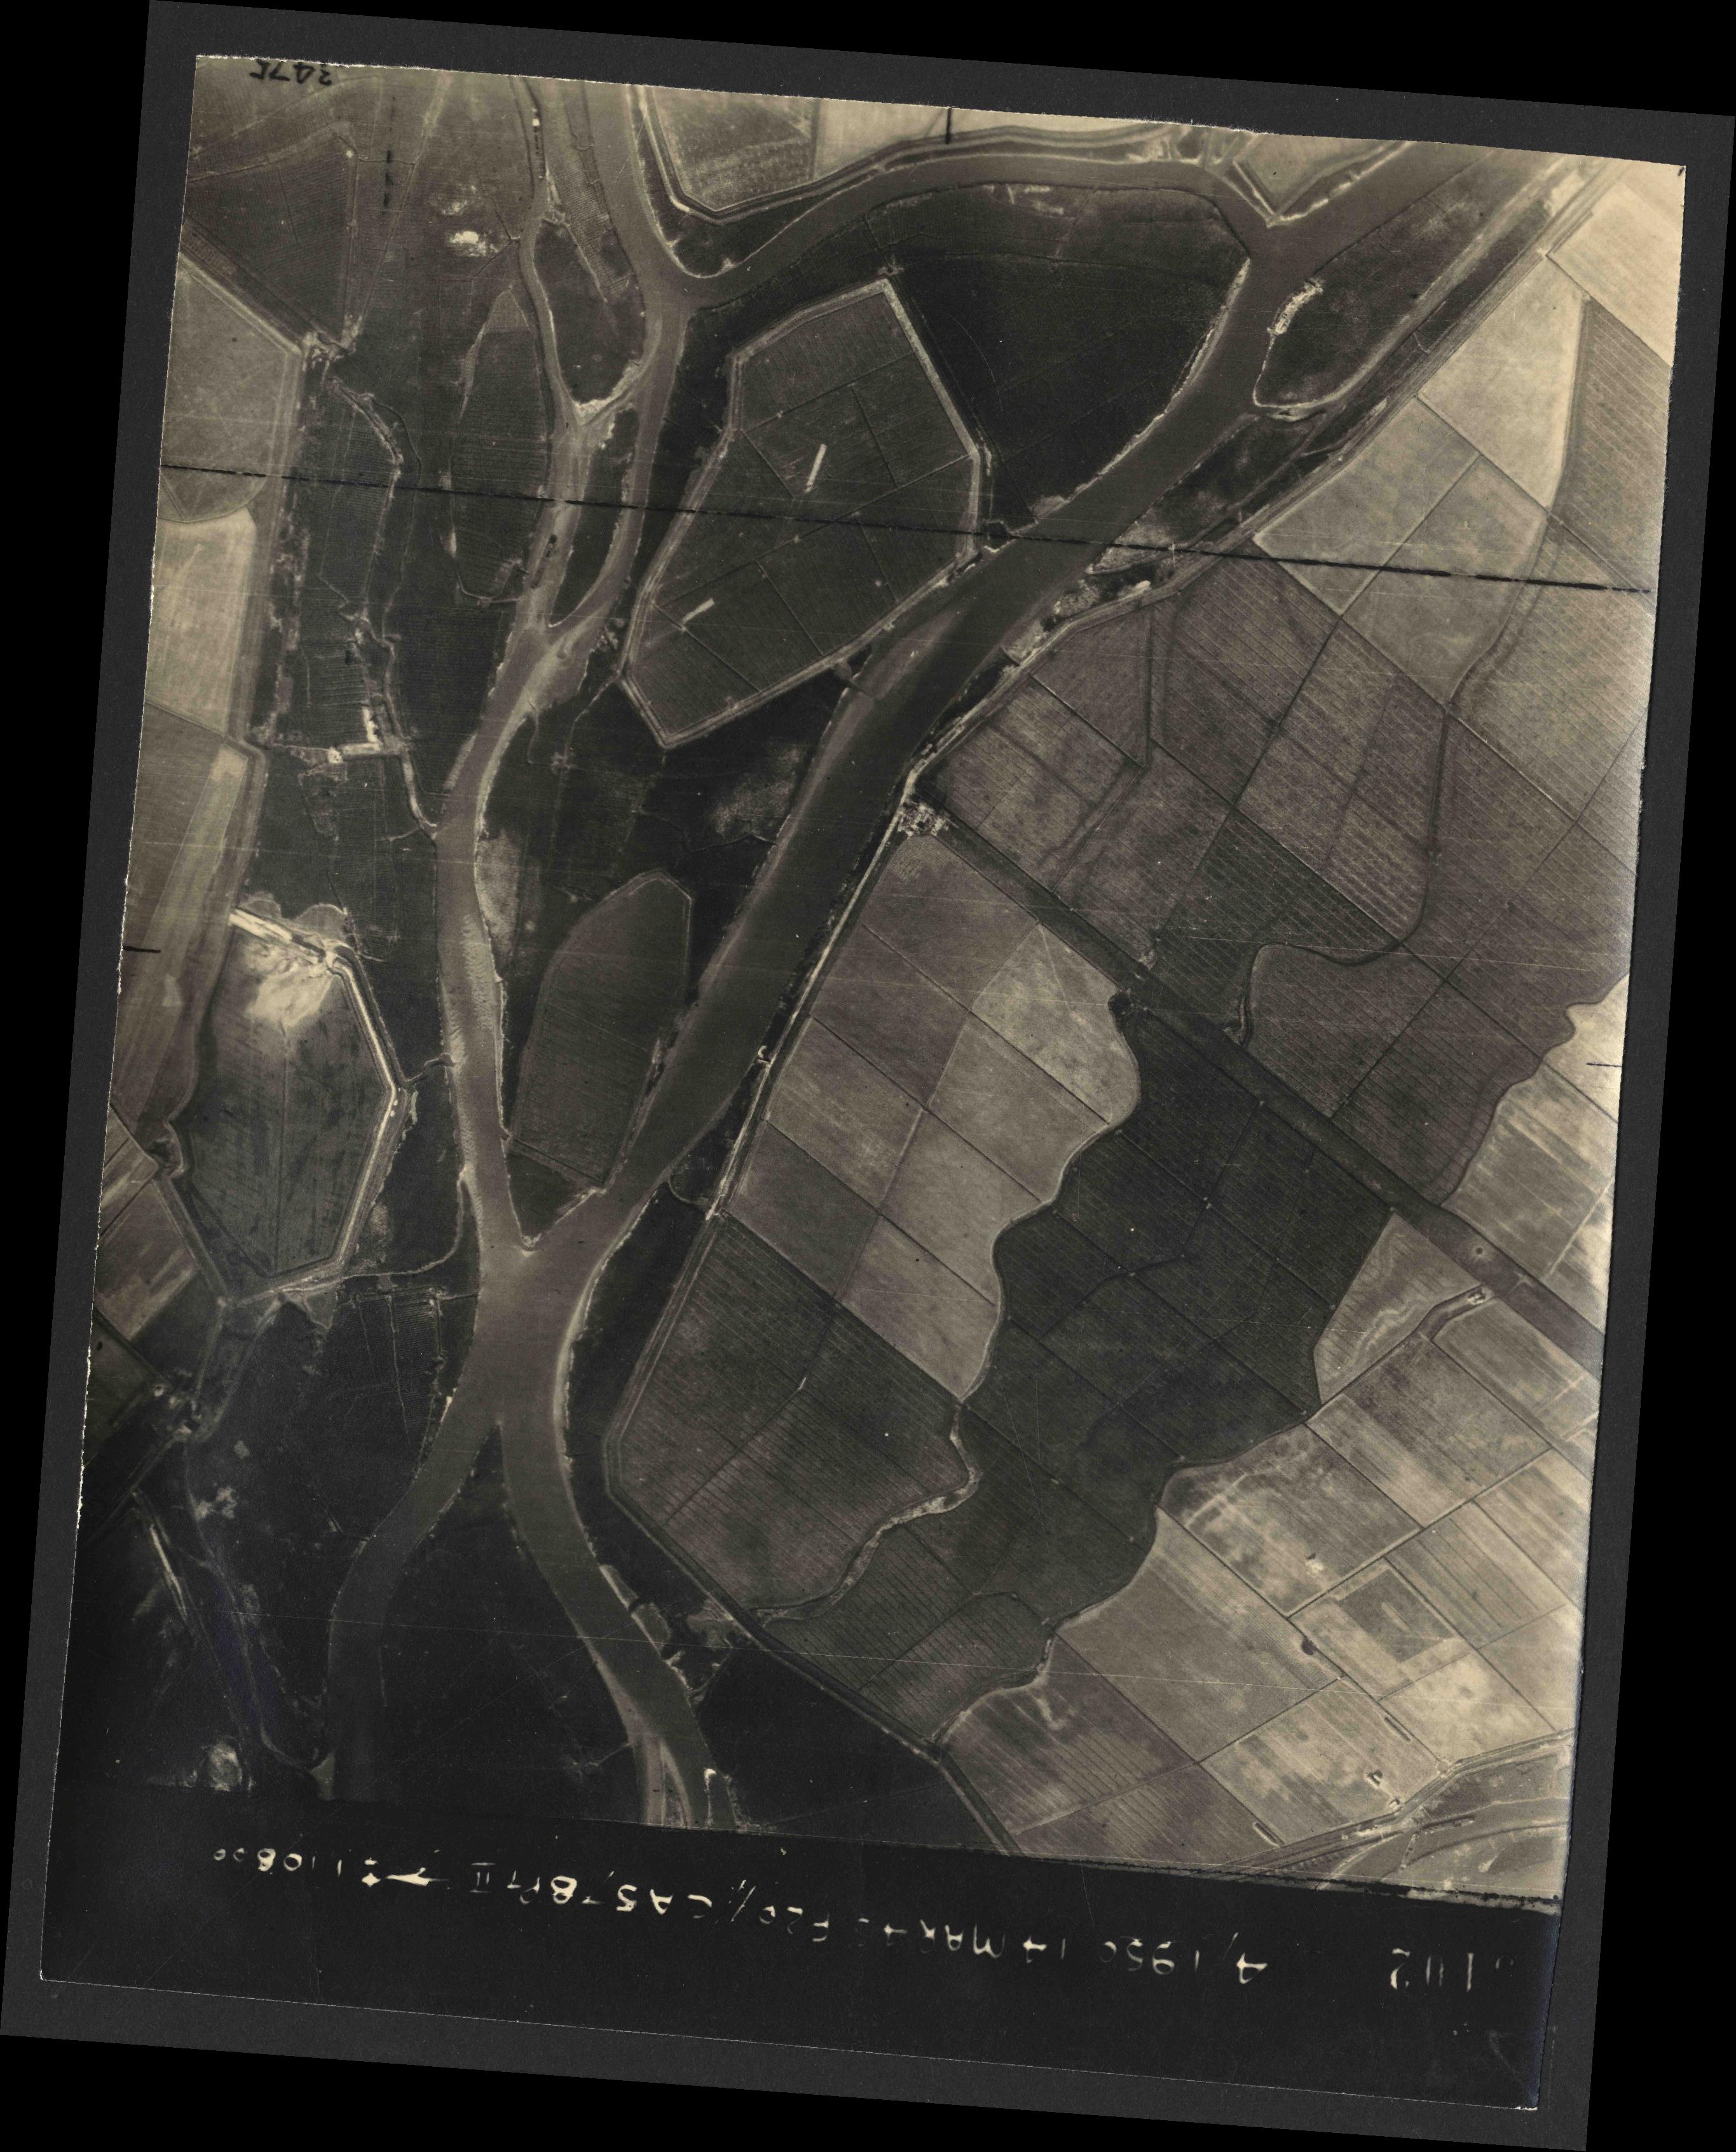 Collection RAF aerial photos 1940-1945 - flight 010, run 07, photo 3102